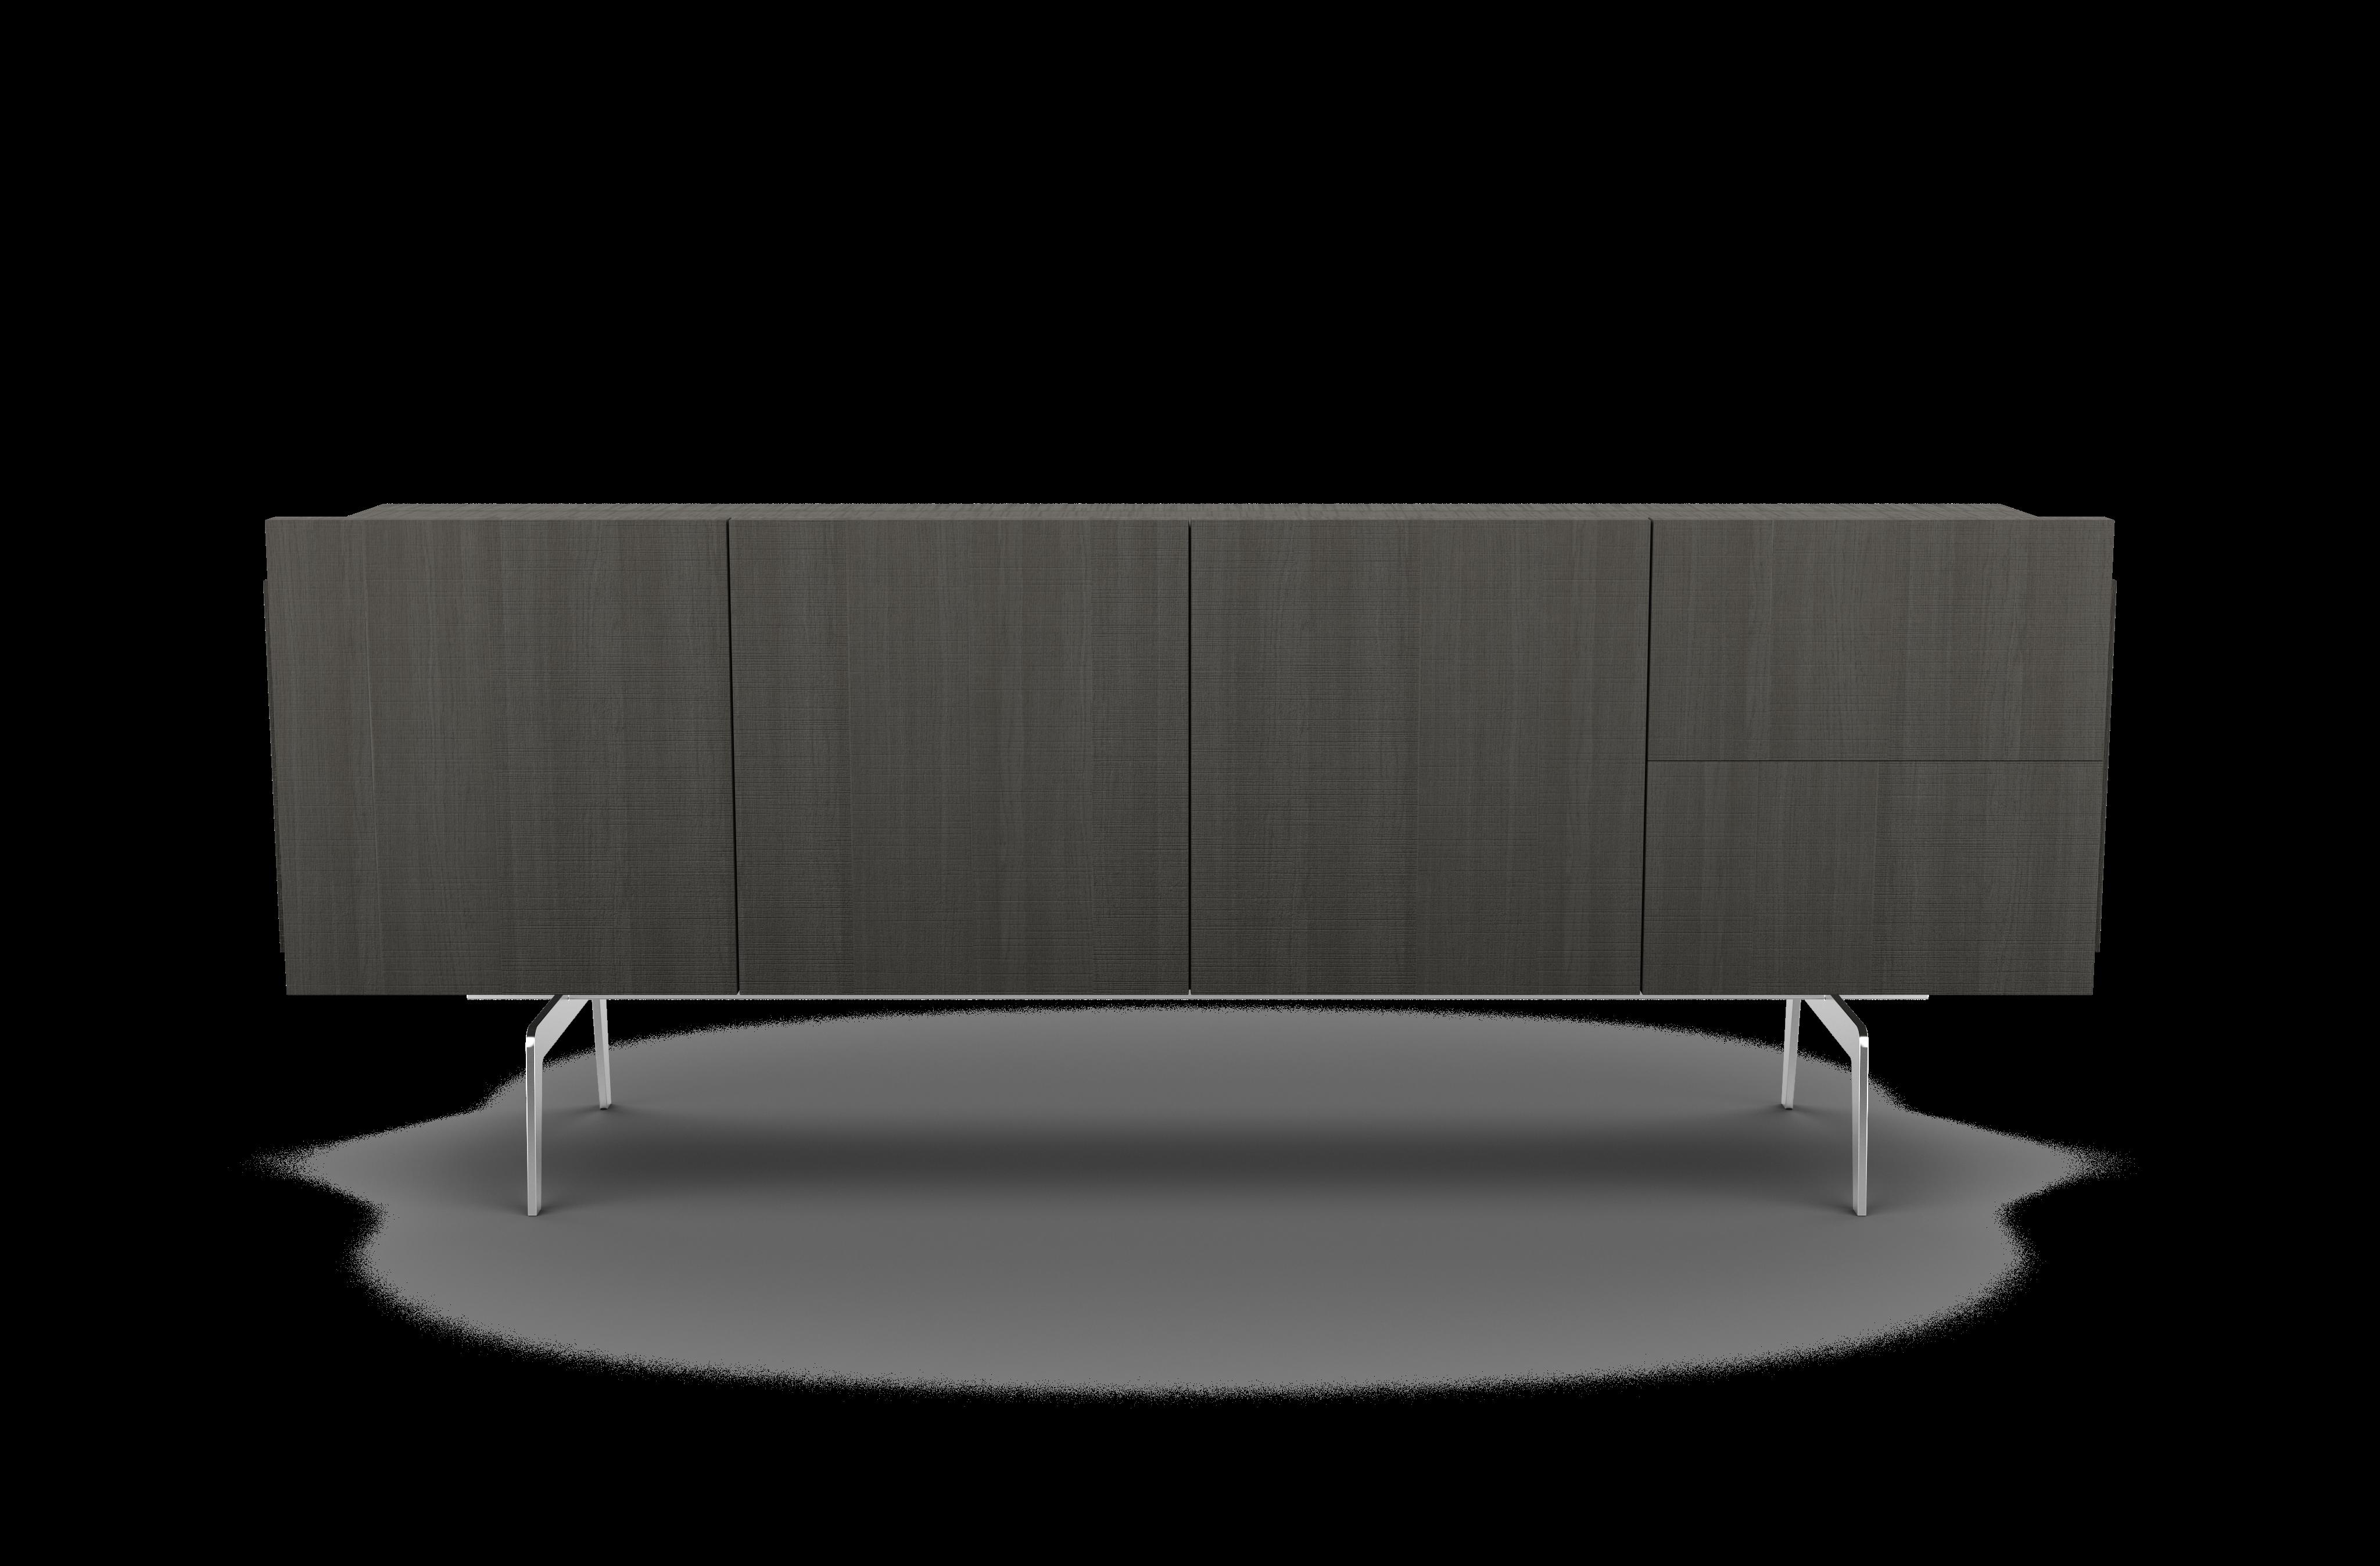 meuble tv ligne roset solutions pour la d coration int rieure de votre maison. Black Bedroom Furniture Sets. Home Design Ideas